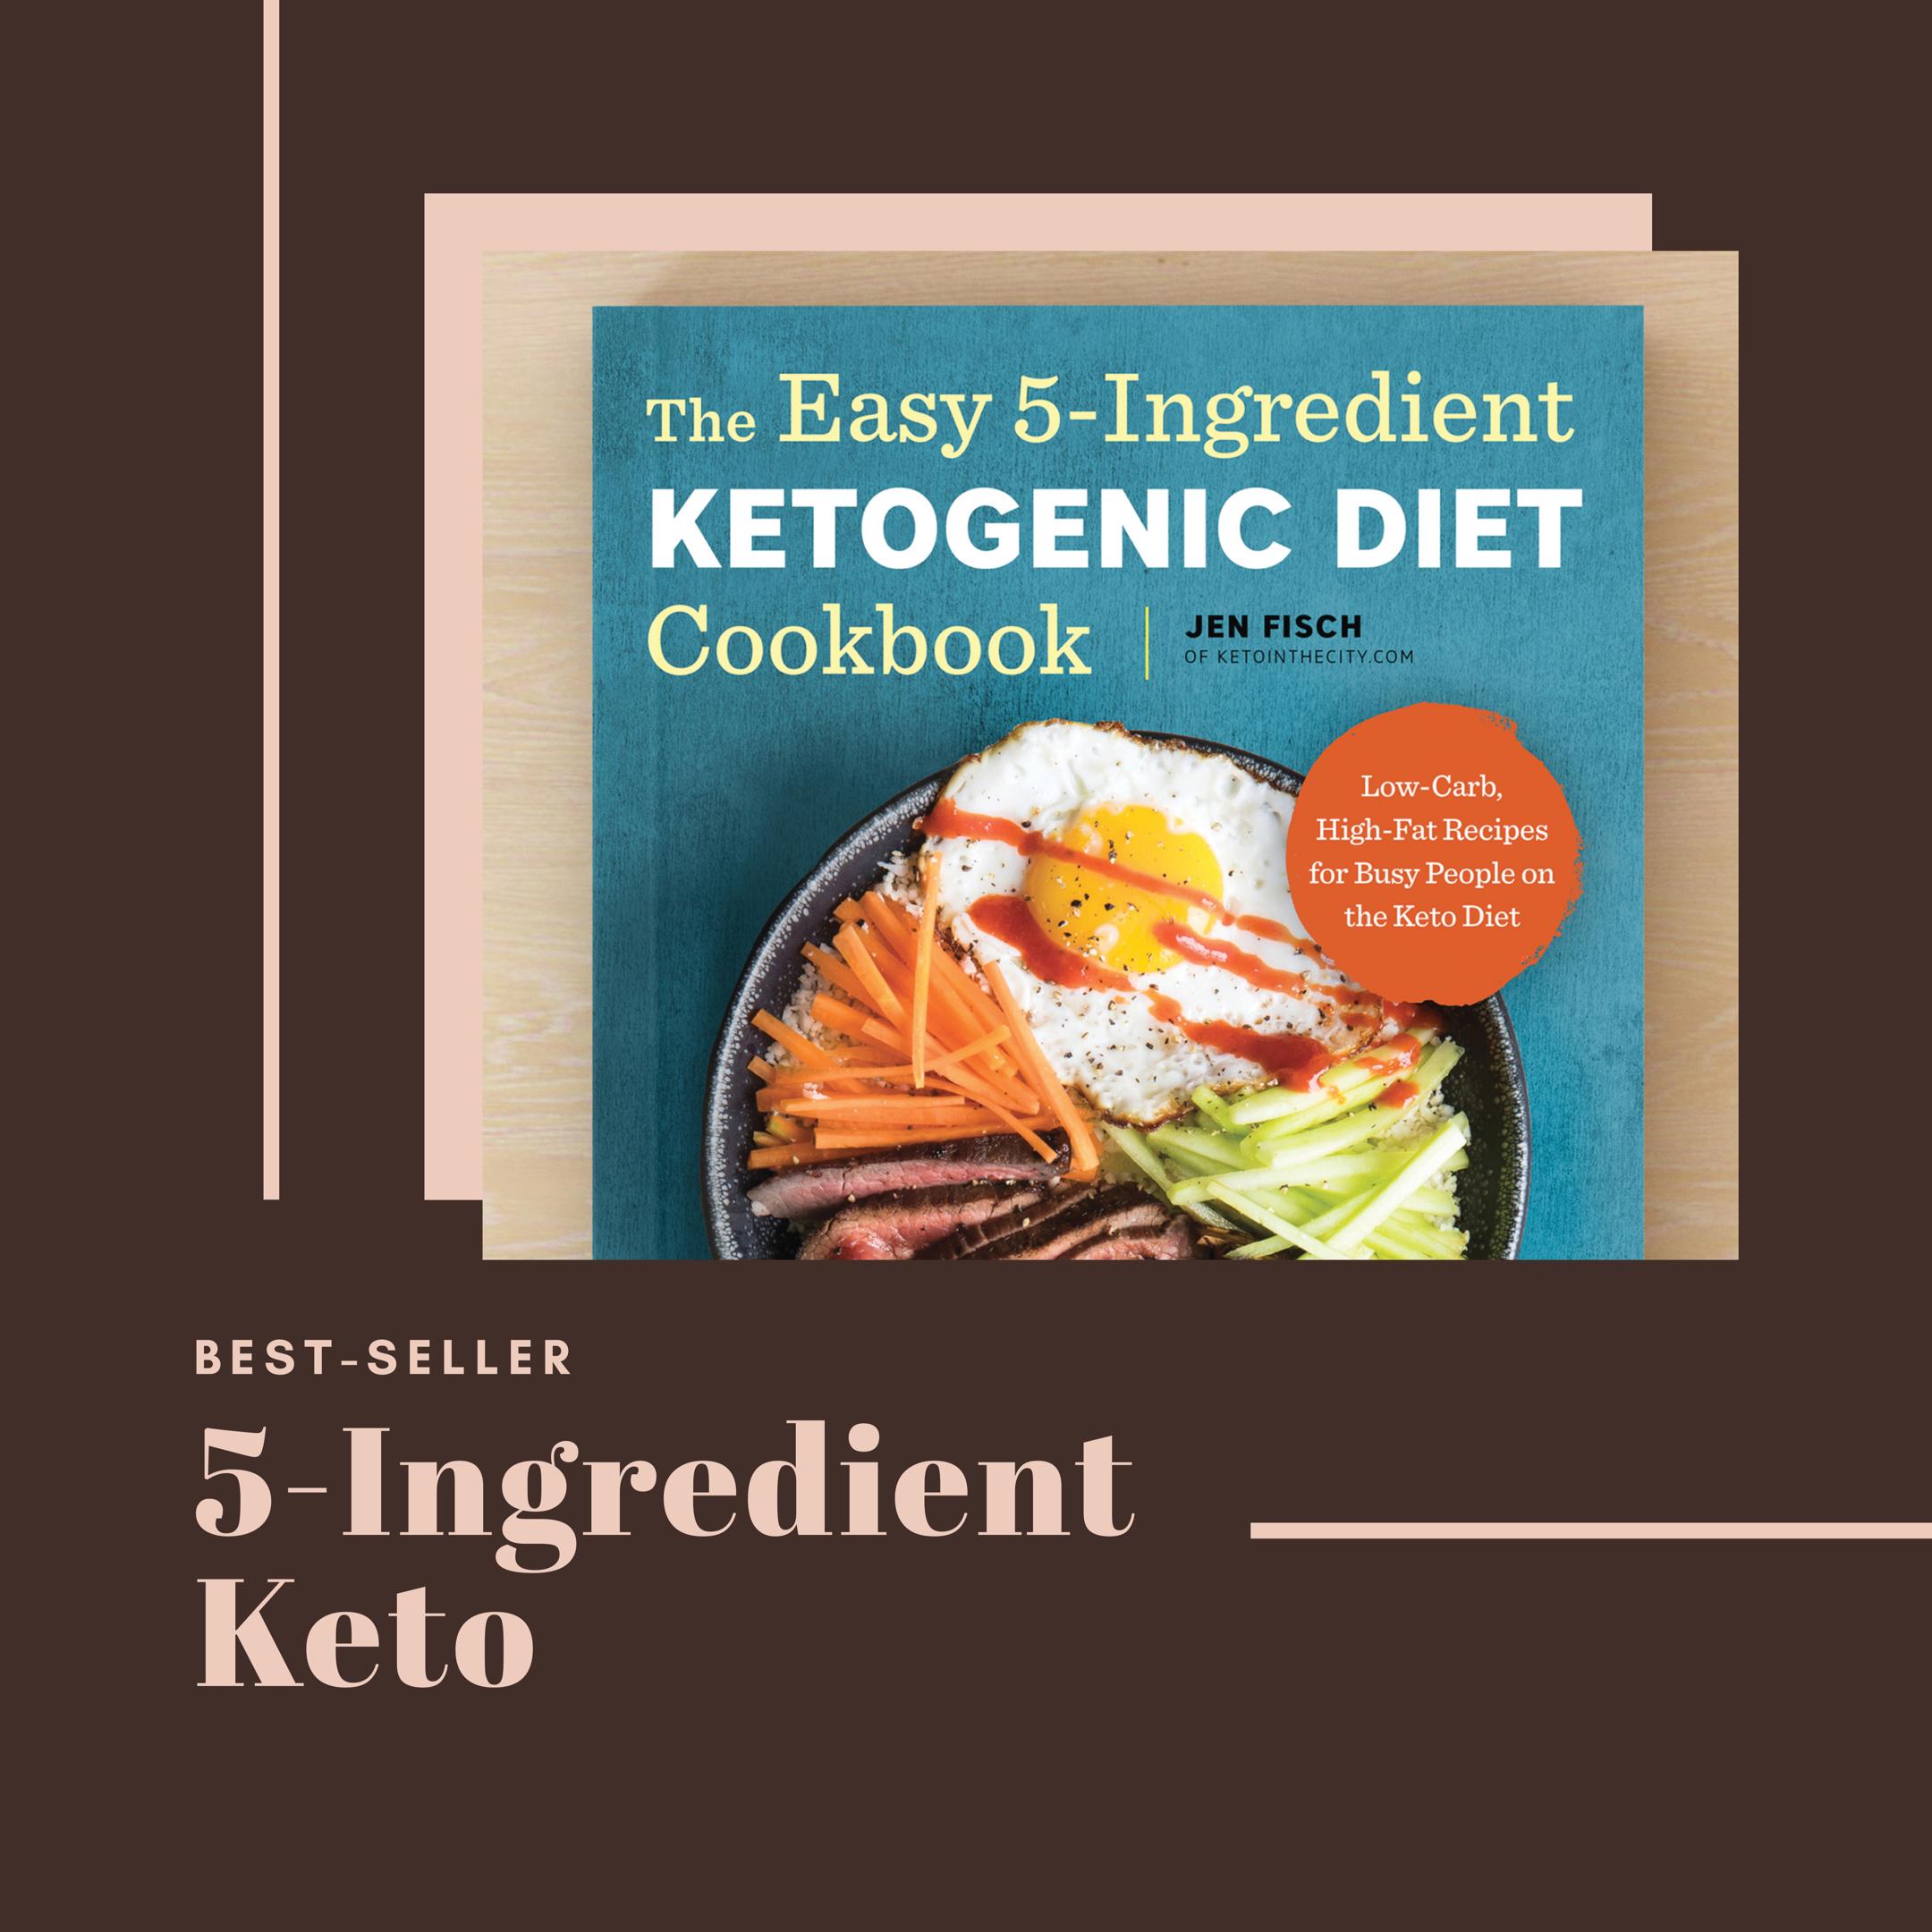 5IngredientKeto.png